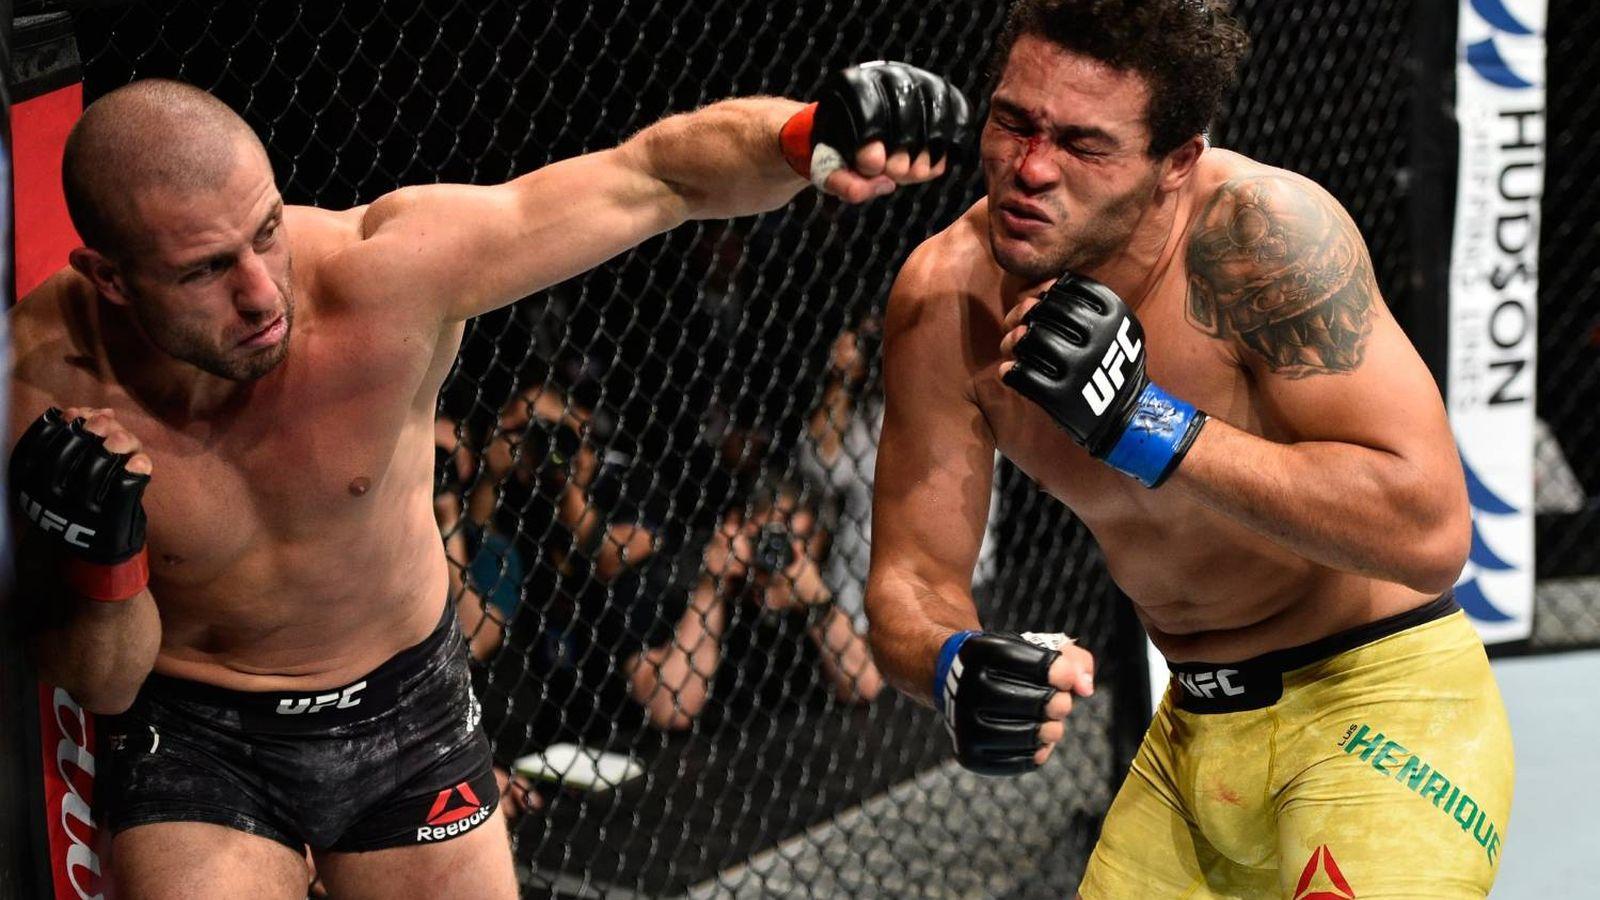 Foto: Saki golpeando con su zurda para lograr el nocaut sobre Silva. (Foto: UFC)